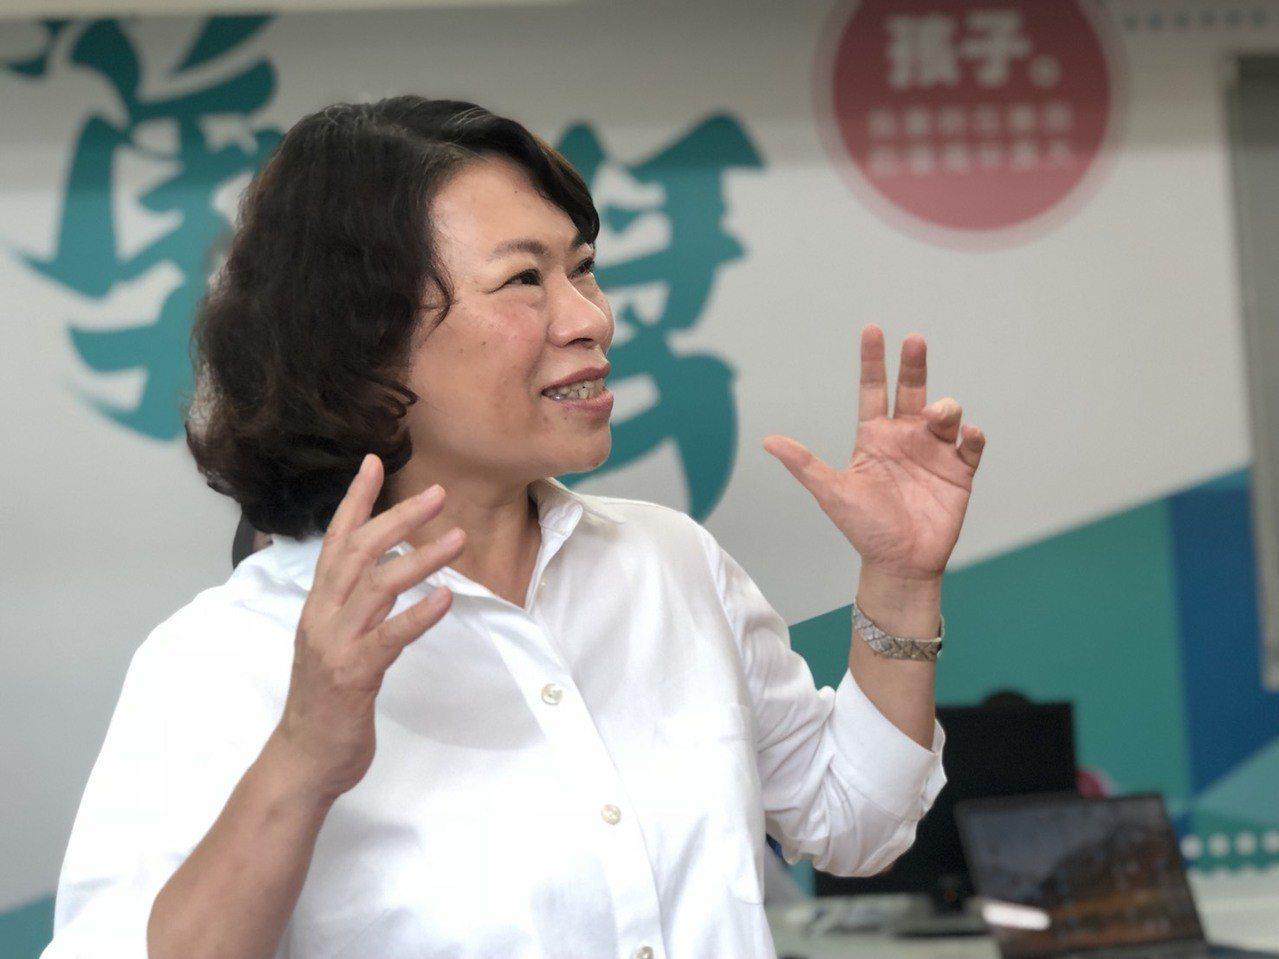 黃敏惠說,市長是城市的大家長,就像父母對家庭的付出,不會掛在嘴邊,都覺得是份內事...